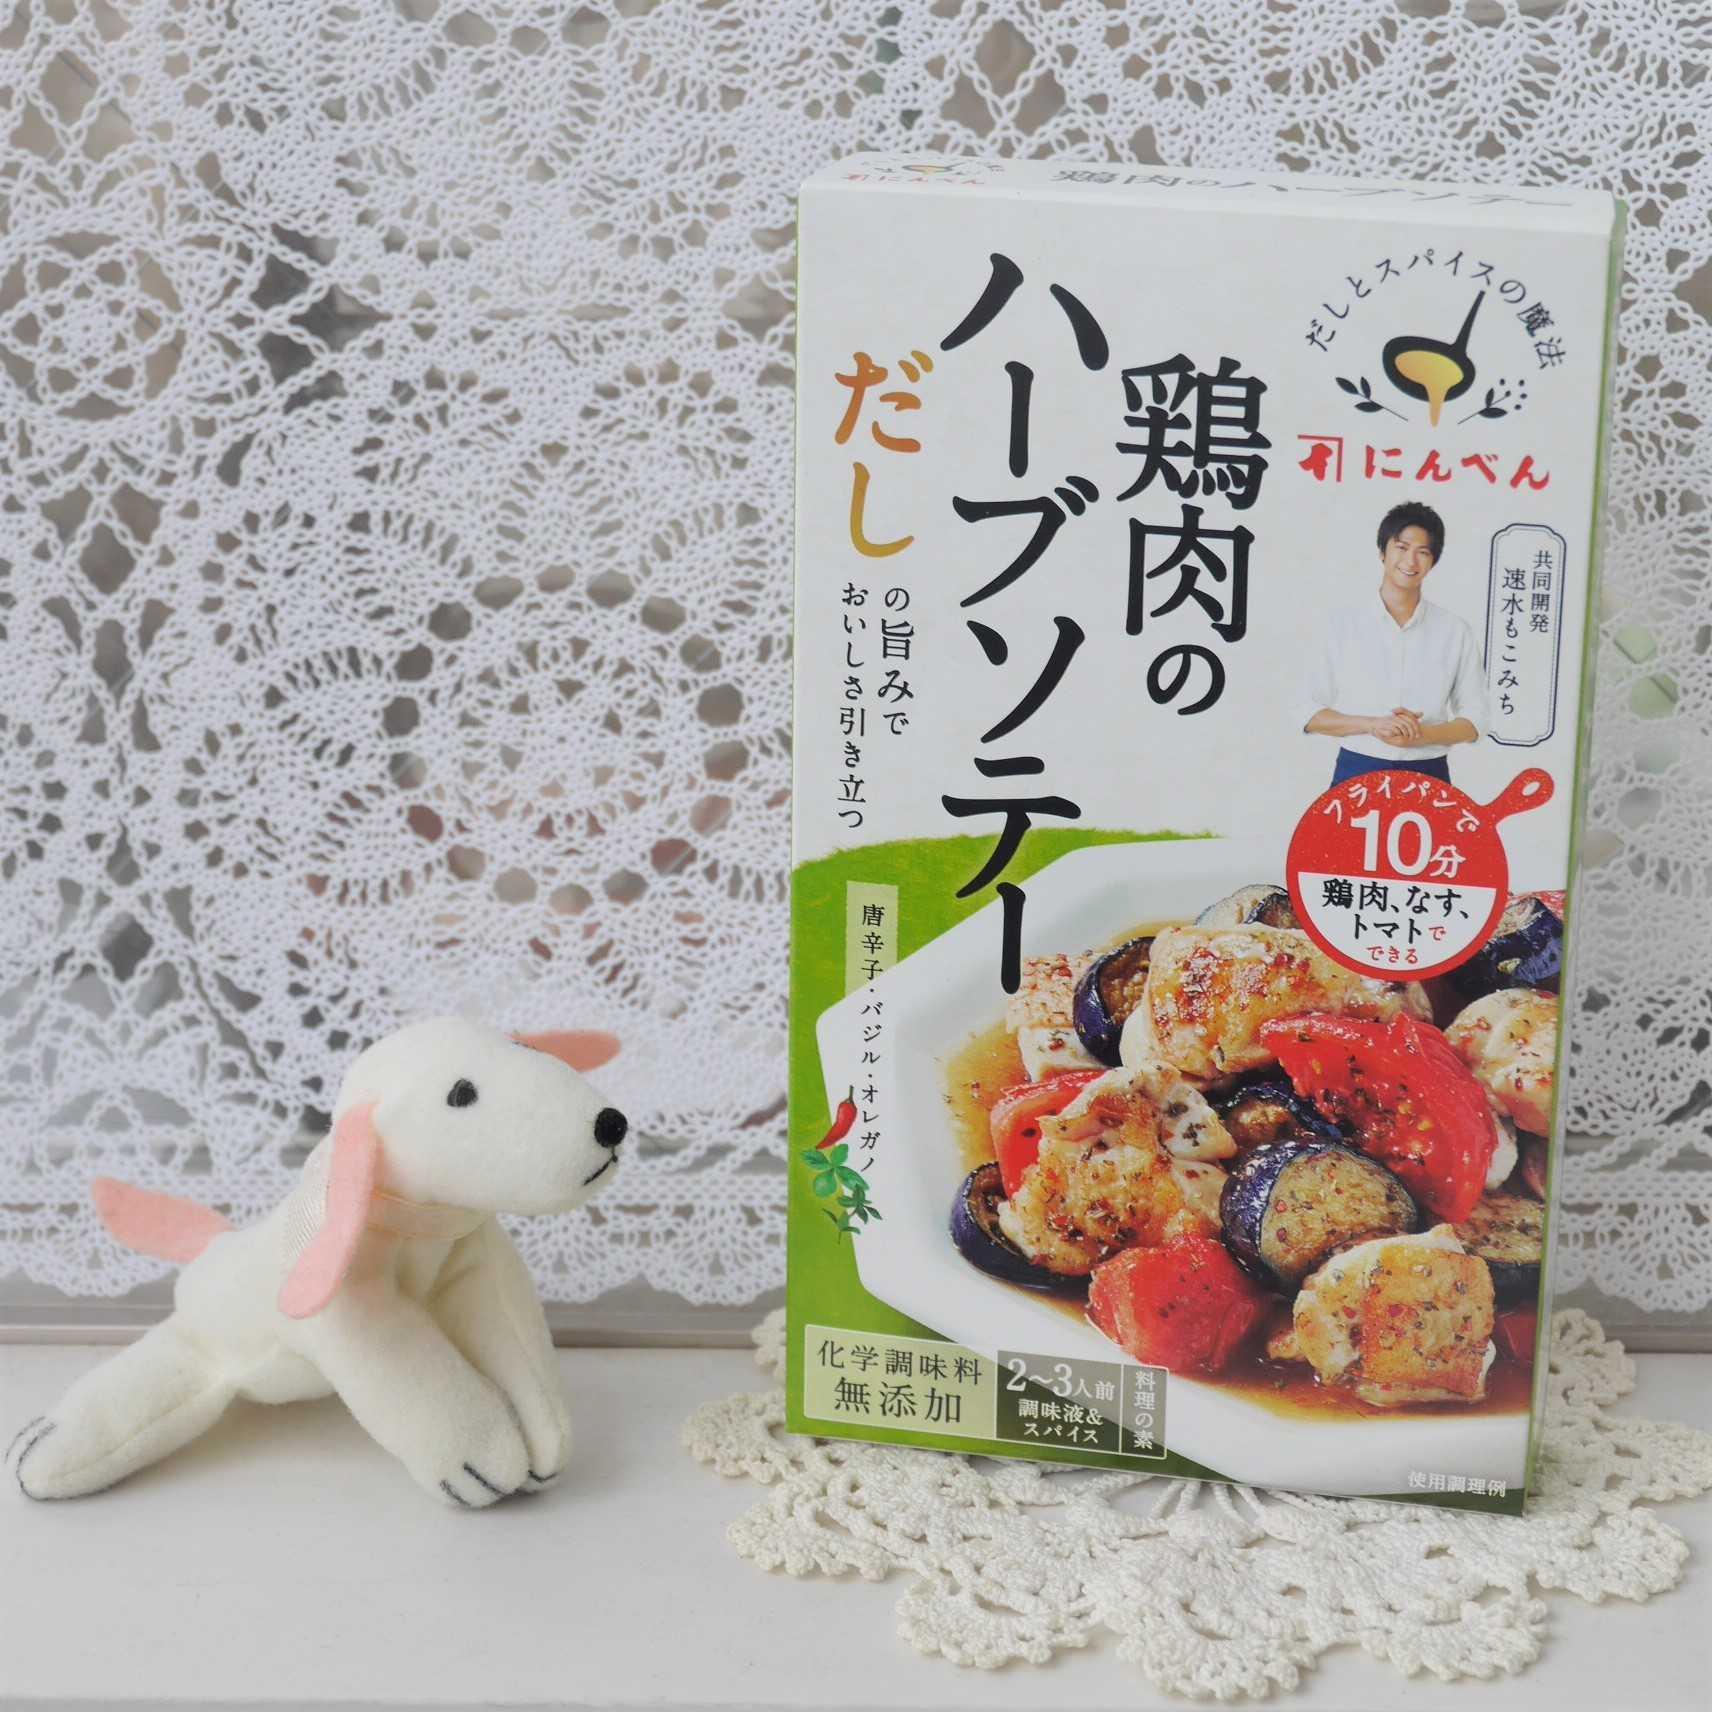 鶏肉のハーブソテー_パッケージ